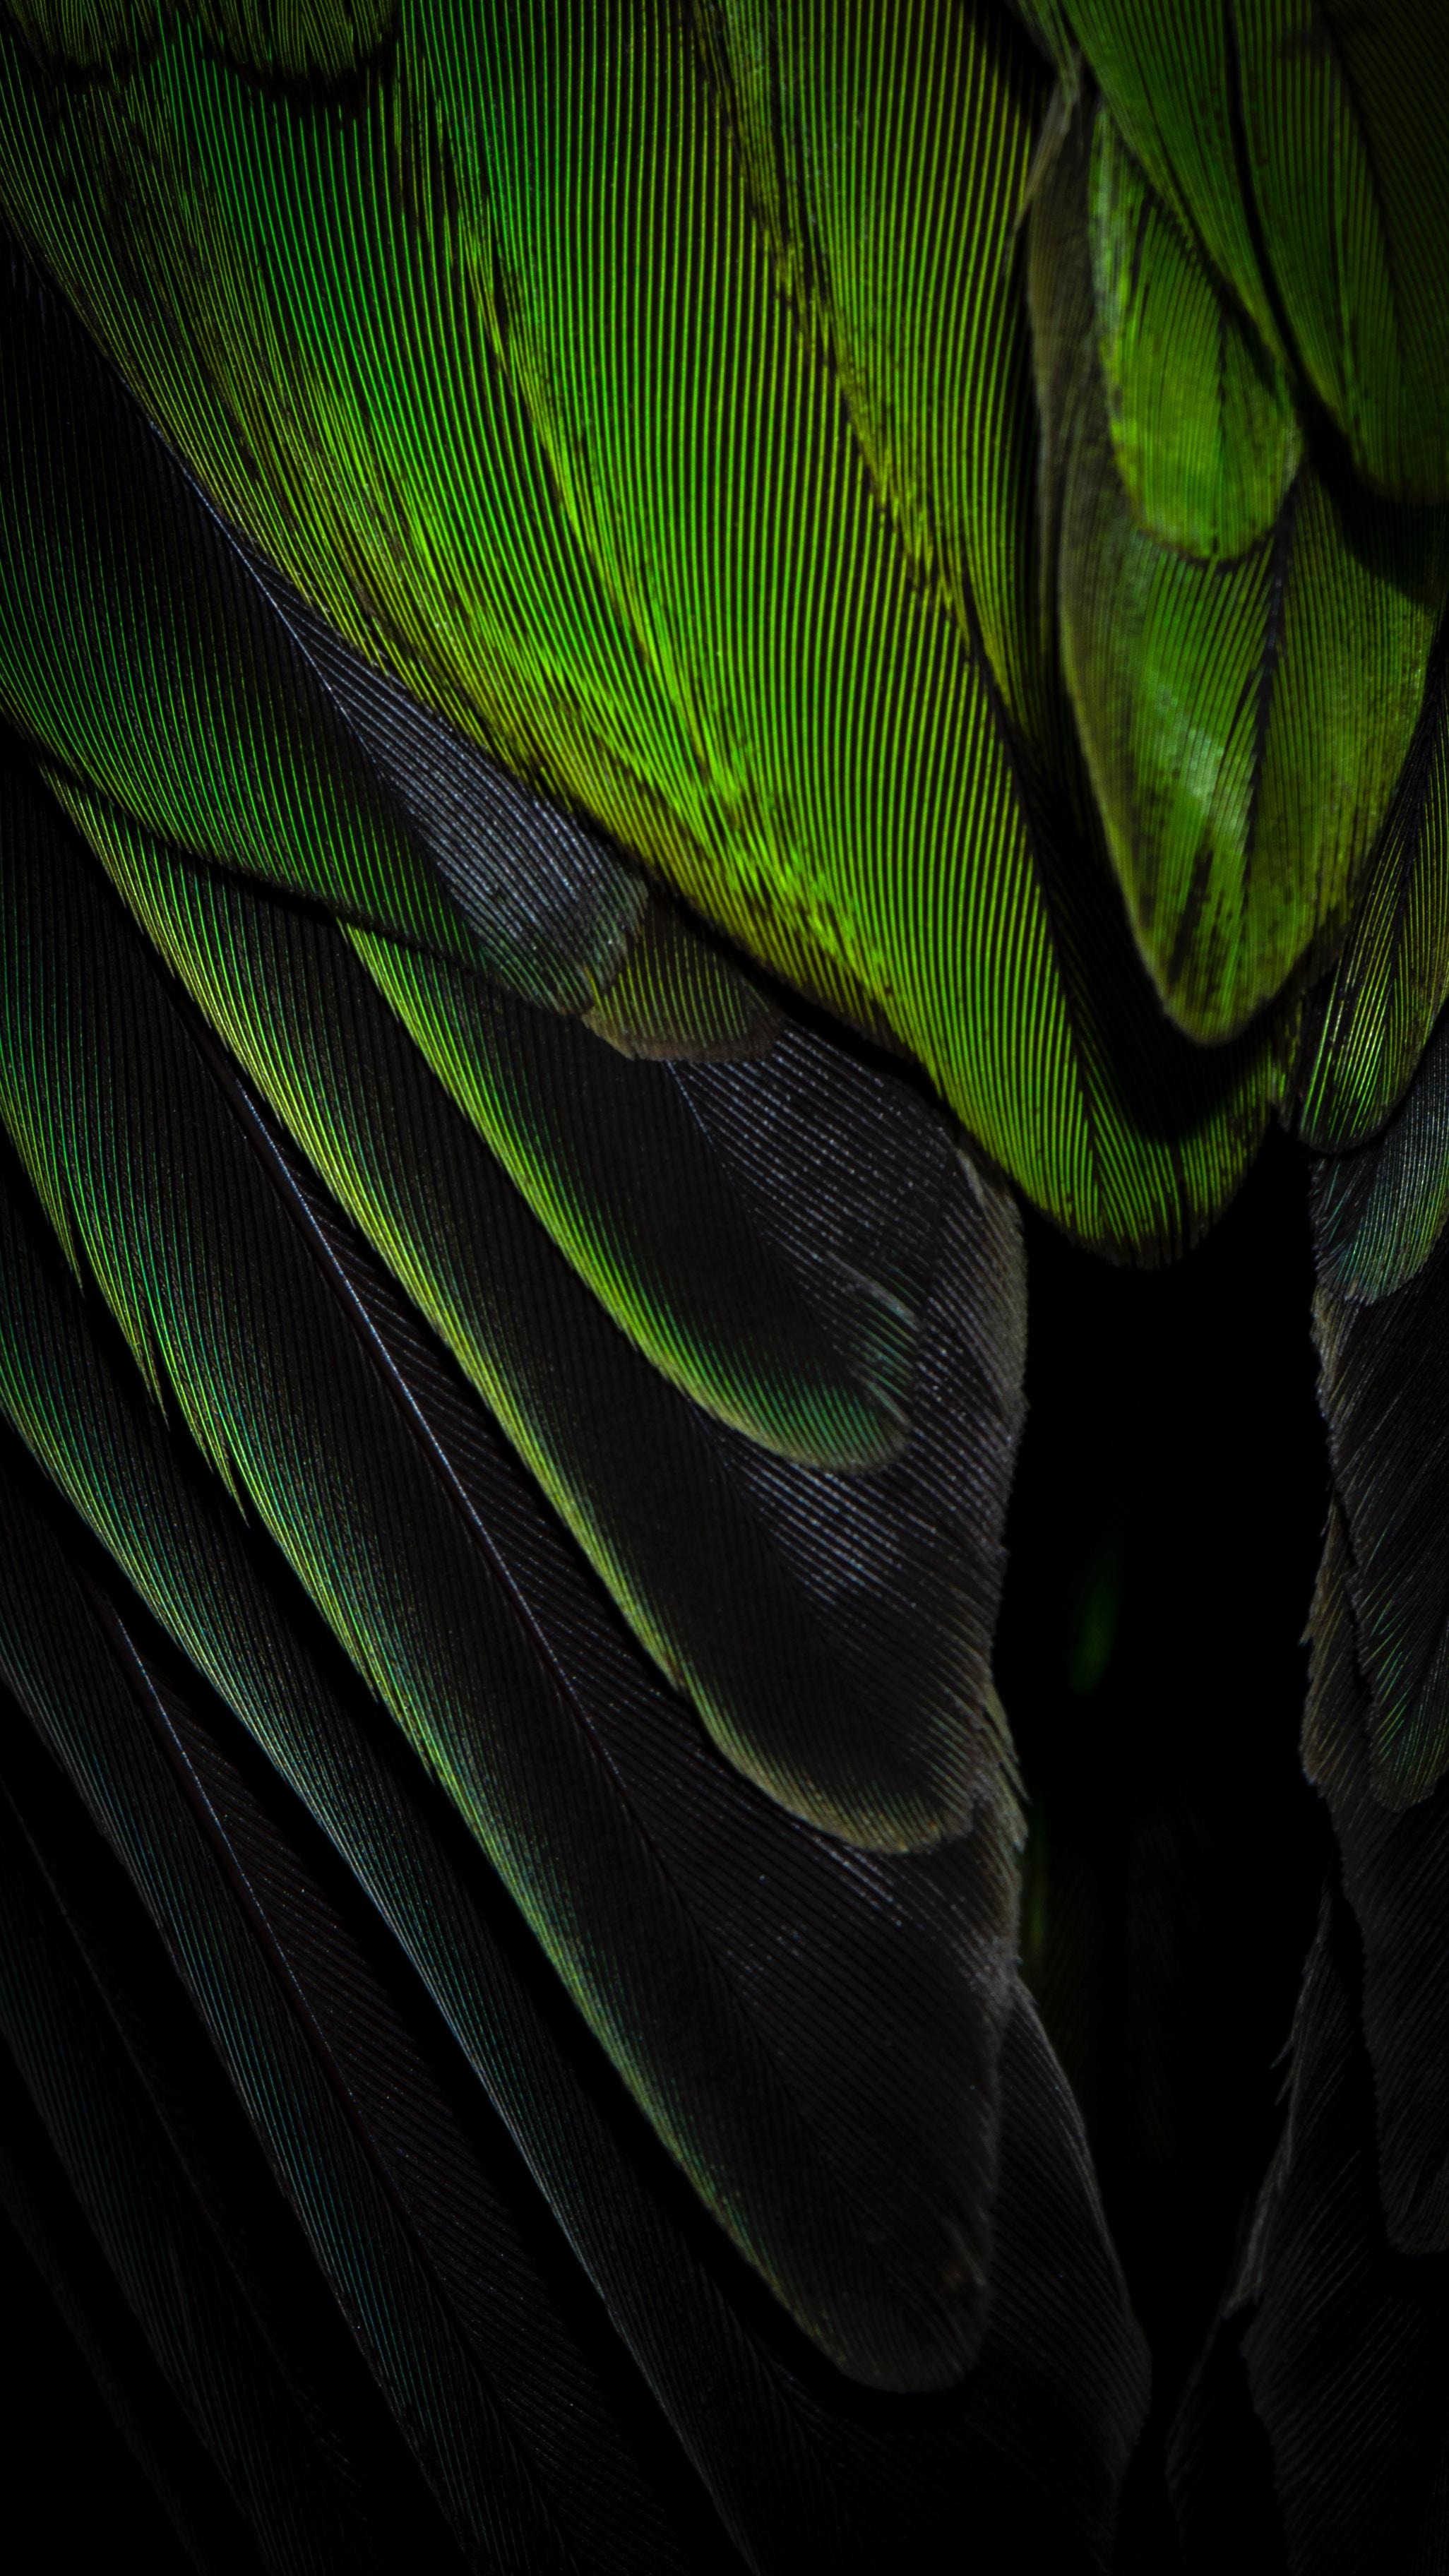 142912 Salvapantallas y fondos de pantalla Texturas en tu teléfono. Descarga imágenes de Texturas, Textura, Color, Pluma gratis